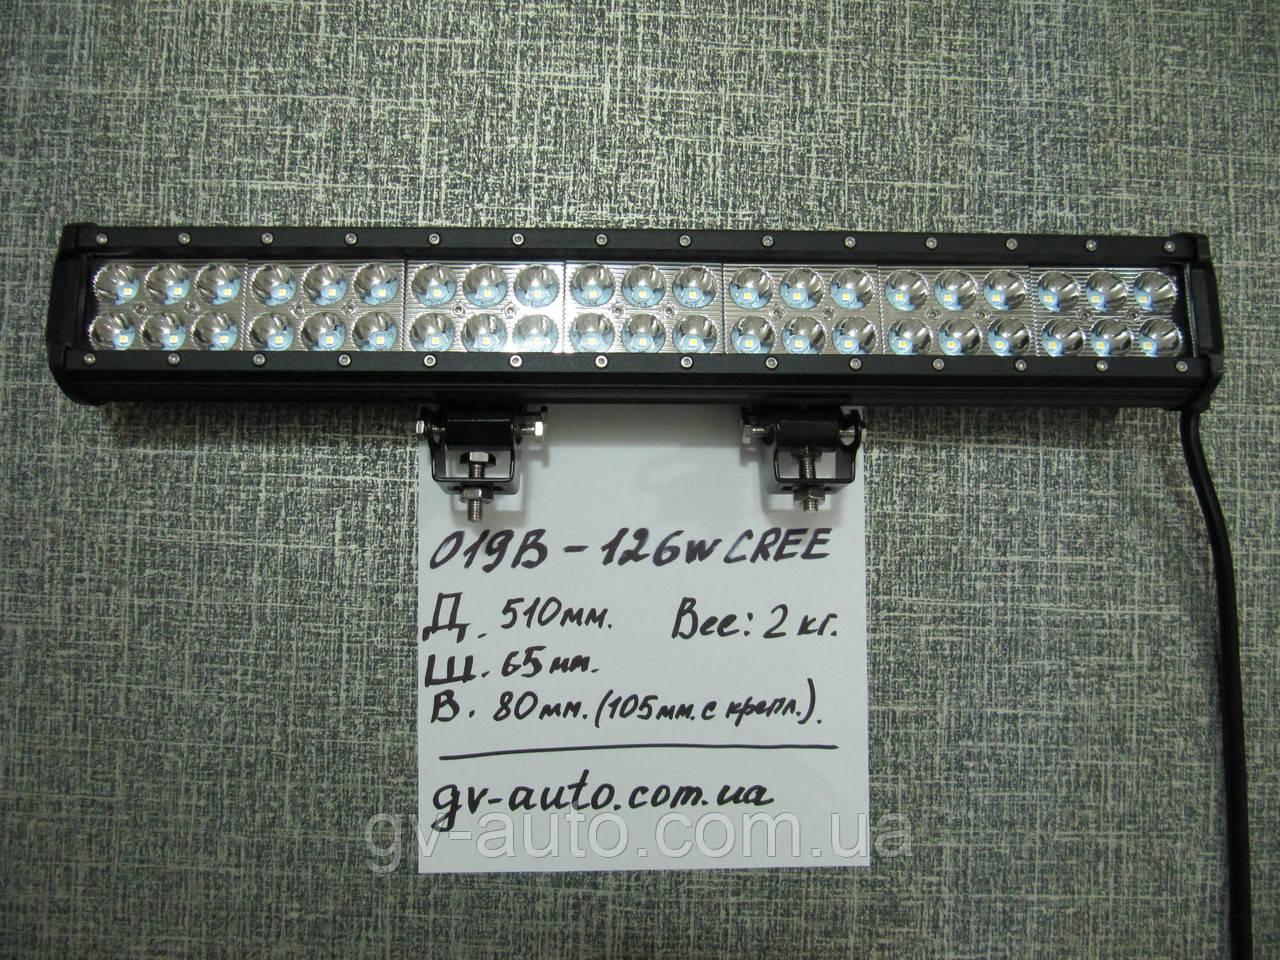 Дополнительная светодиодная балка 51 см.  LED  019-126W. https://gv-auto.com.ua, фото 1